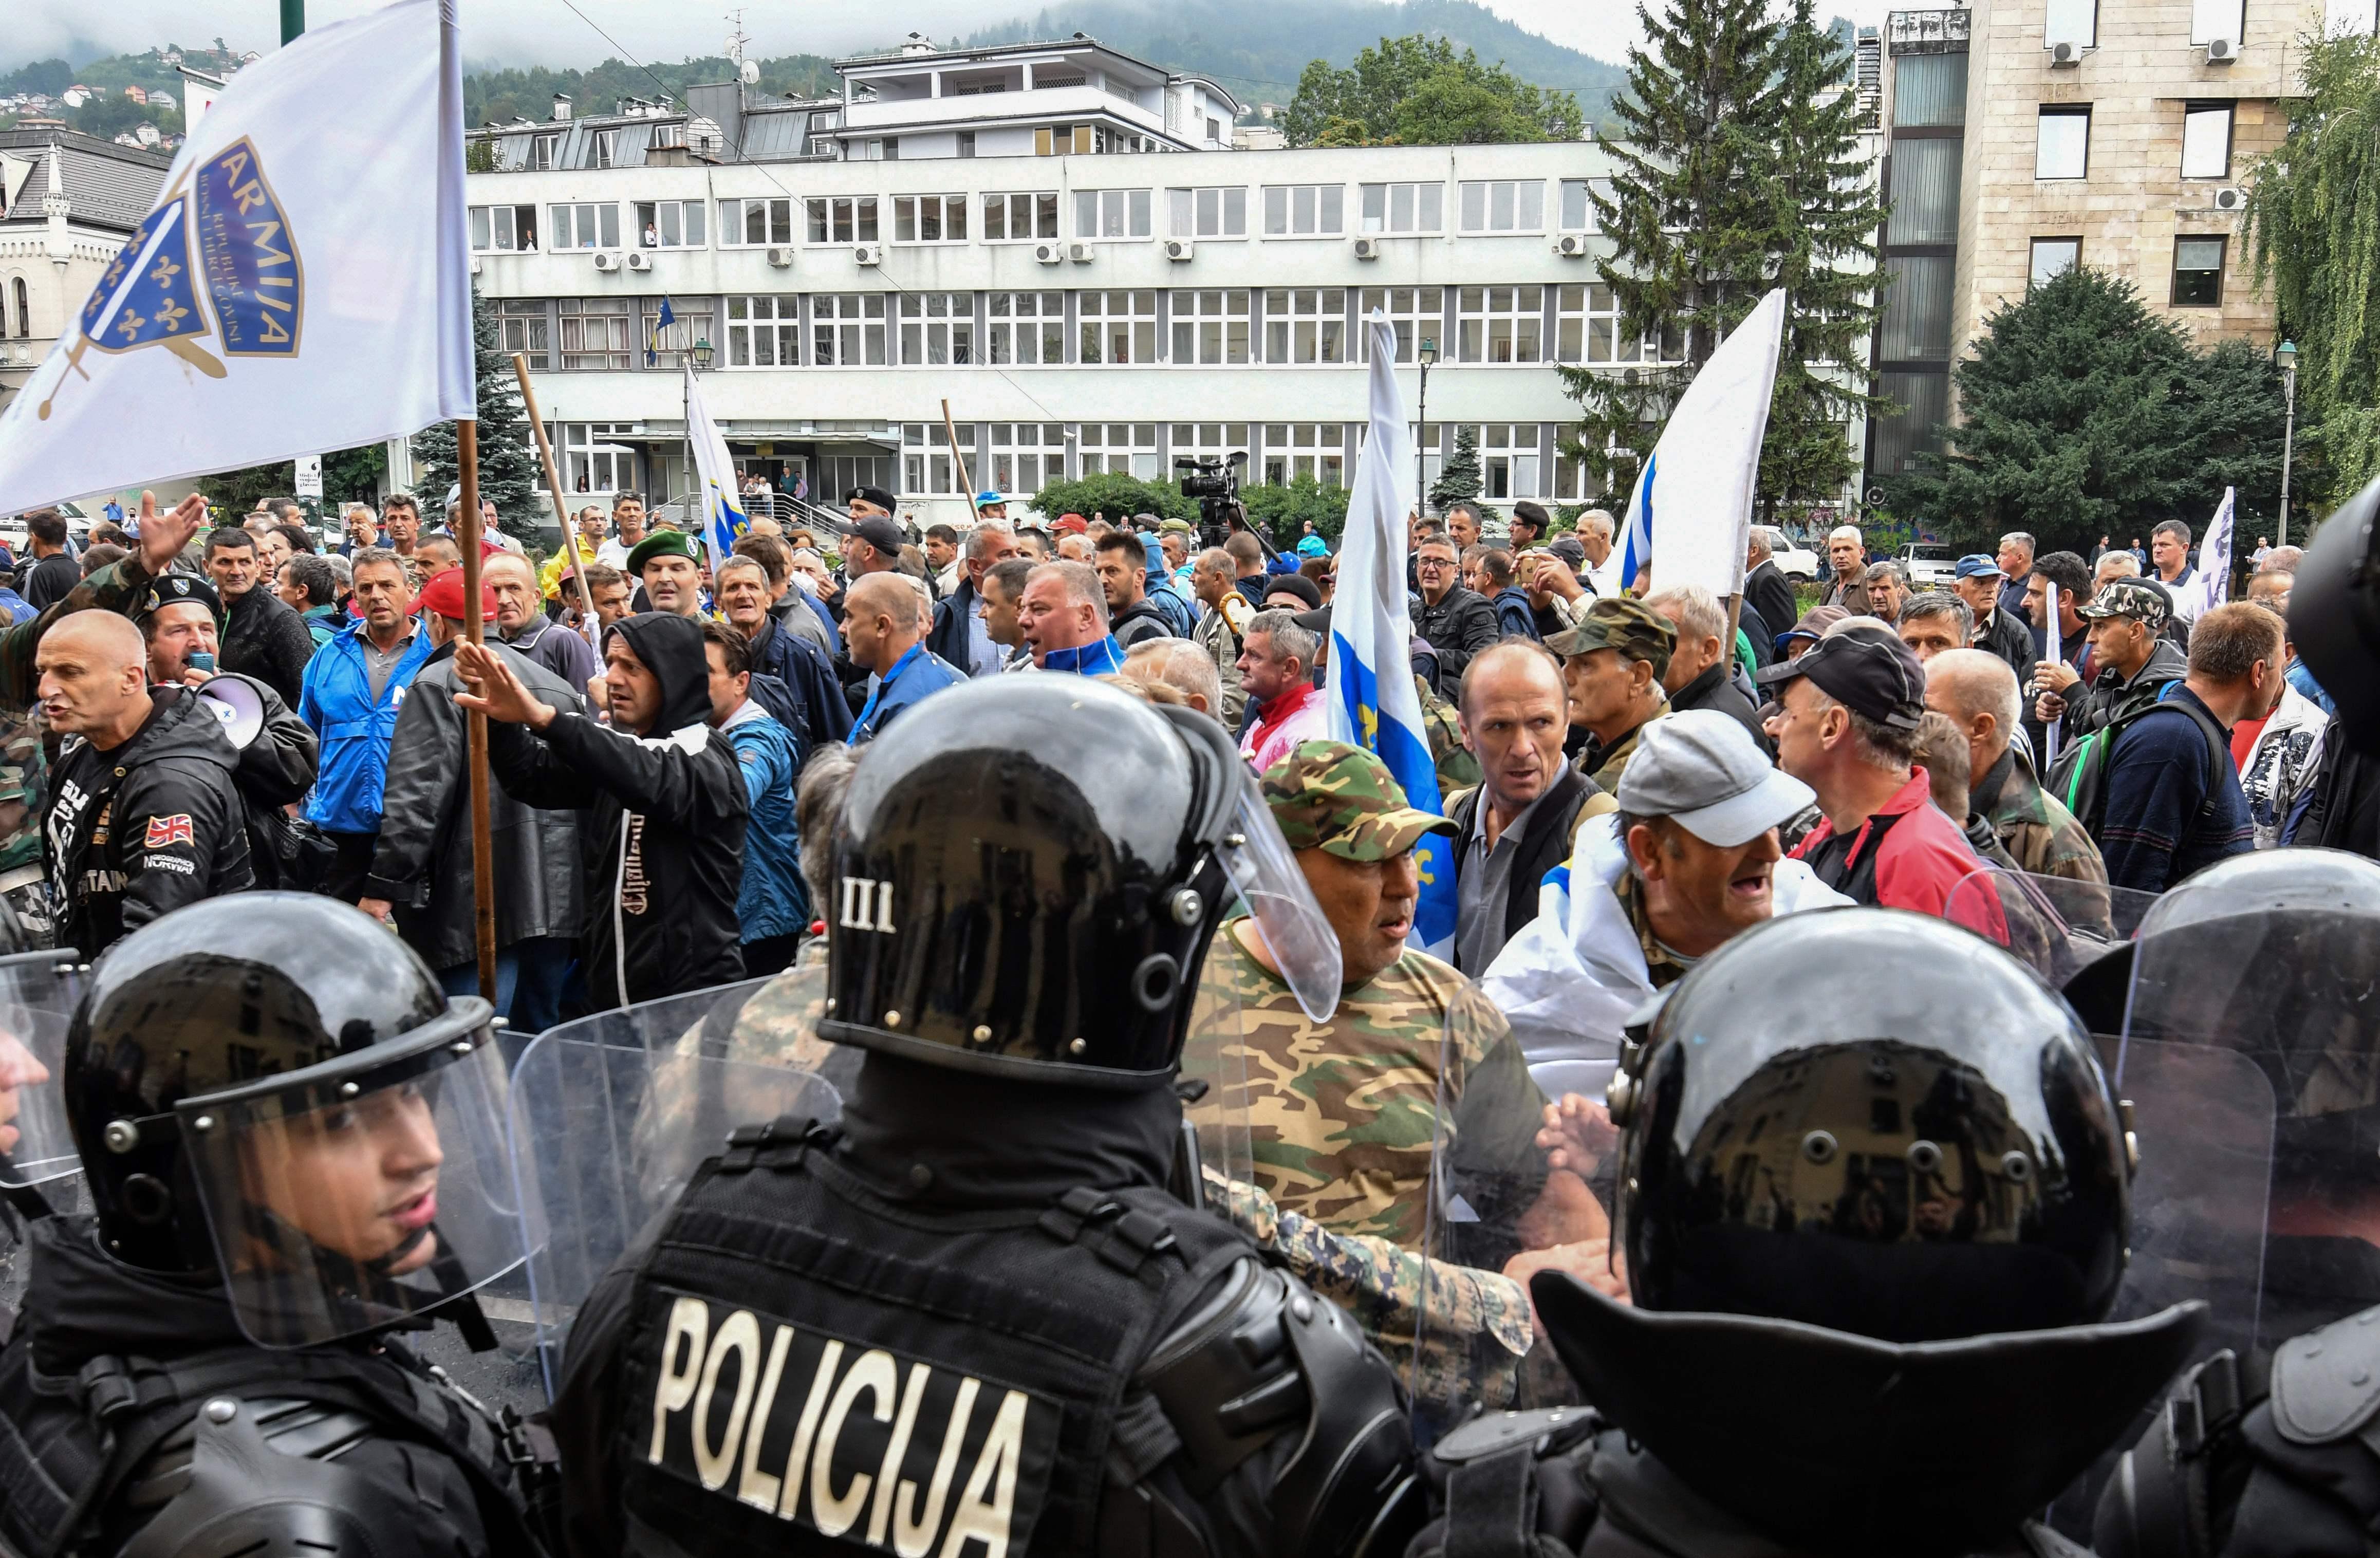 صور.. شرطة البوسنة تشتبك مع مئات من المحاربين القدماء بالعاصمة سراييفو  1394638-البوسنة-(6)